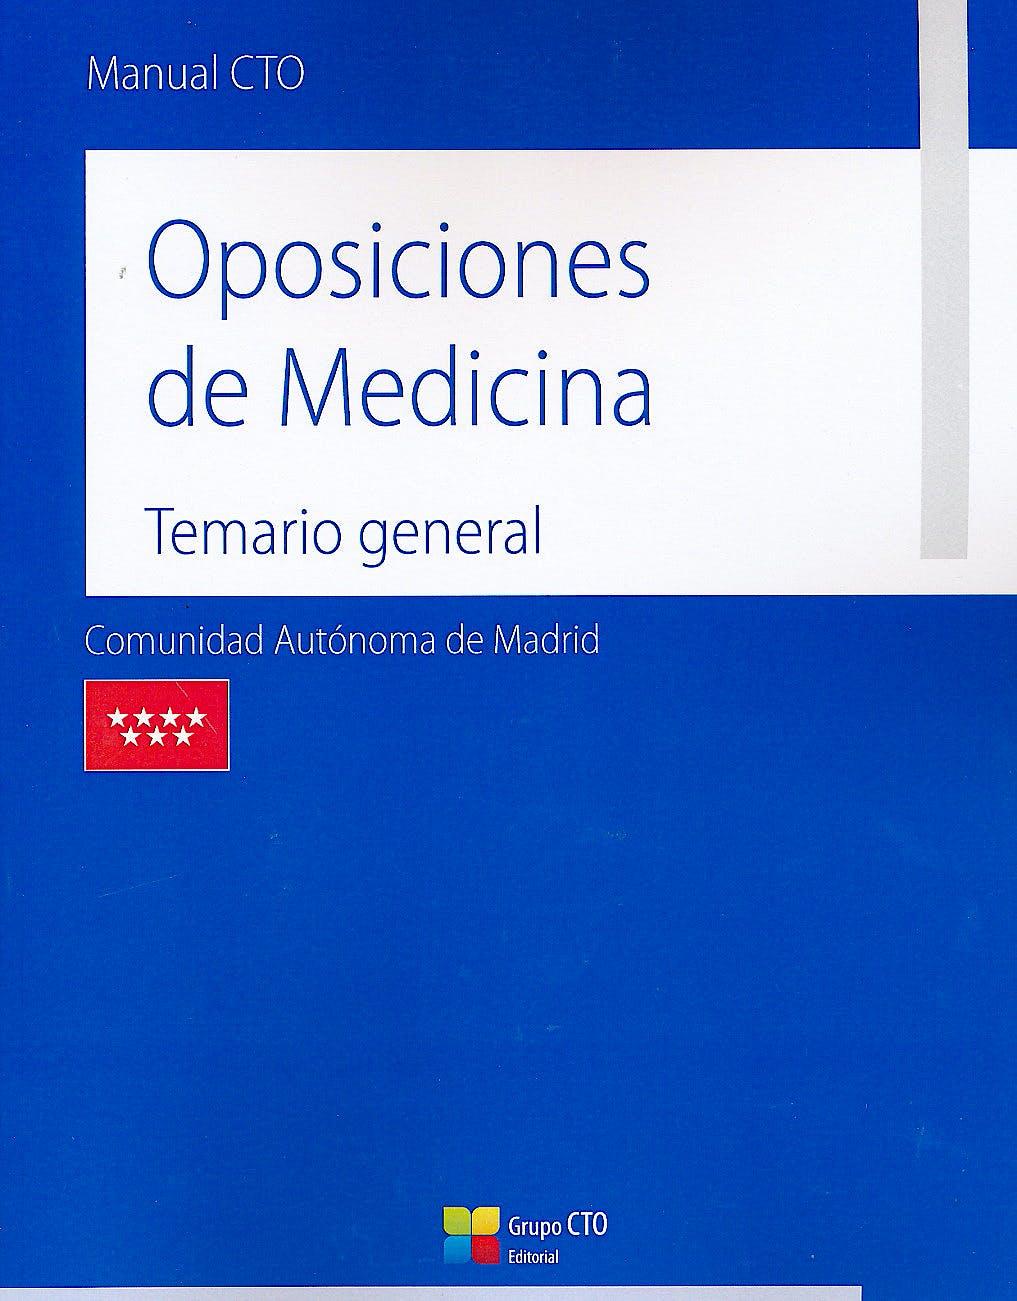 Portada del libro 9788416527977 Manual CTO Oposiciones de Medicina Comunidad Autónoma de Madrid. Temario General